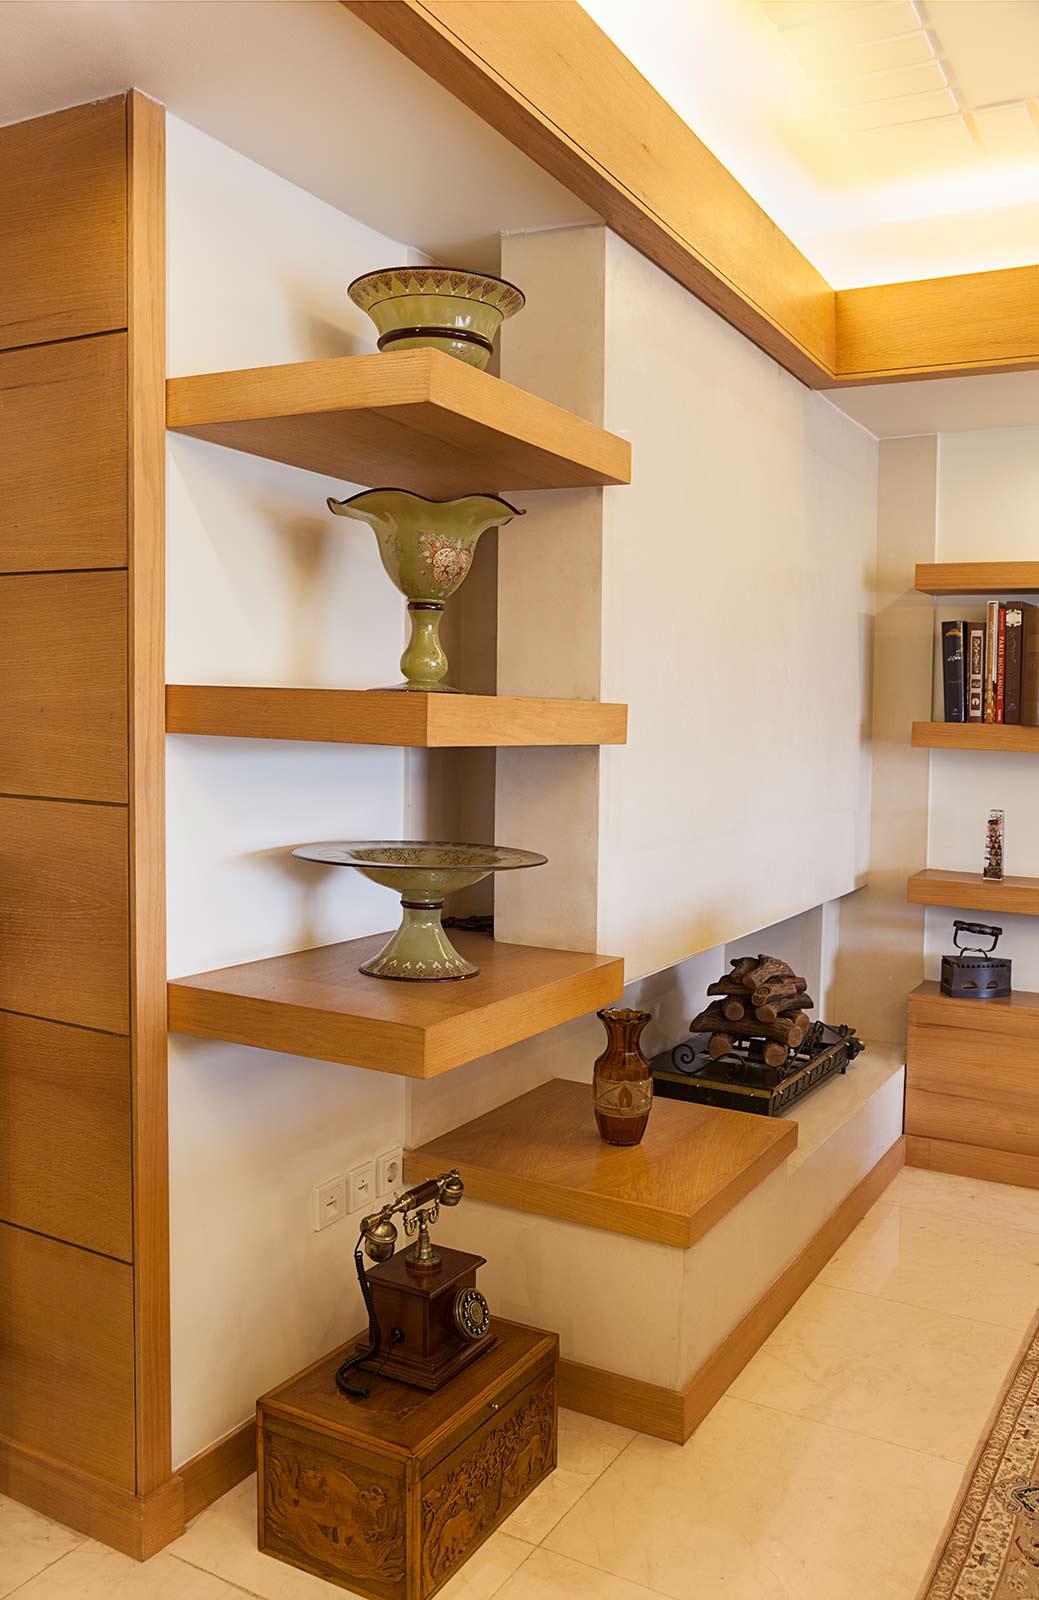 طراحی داخلی مجتمع مسکونی باغ برج